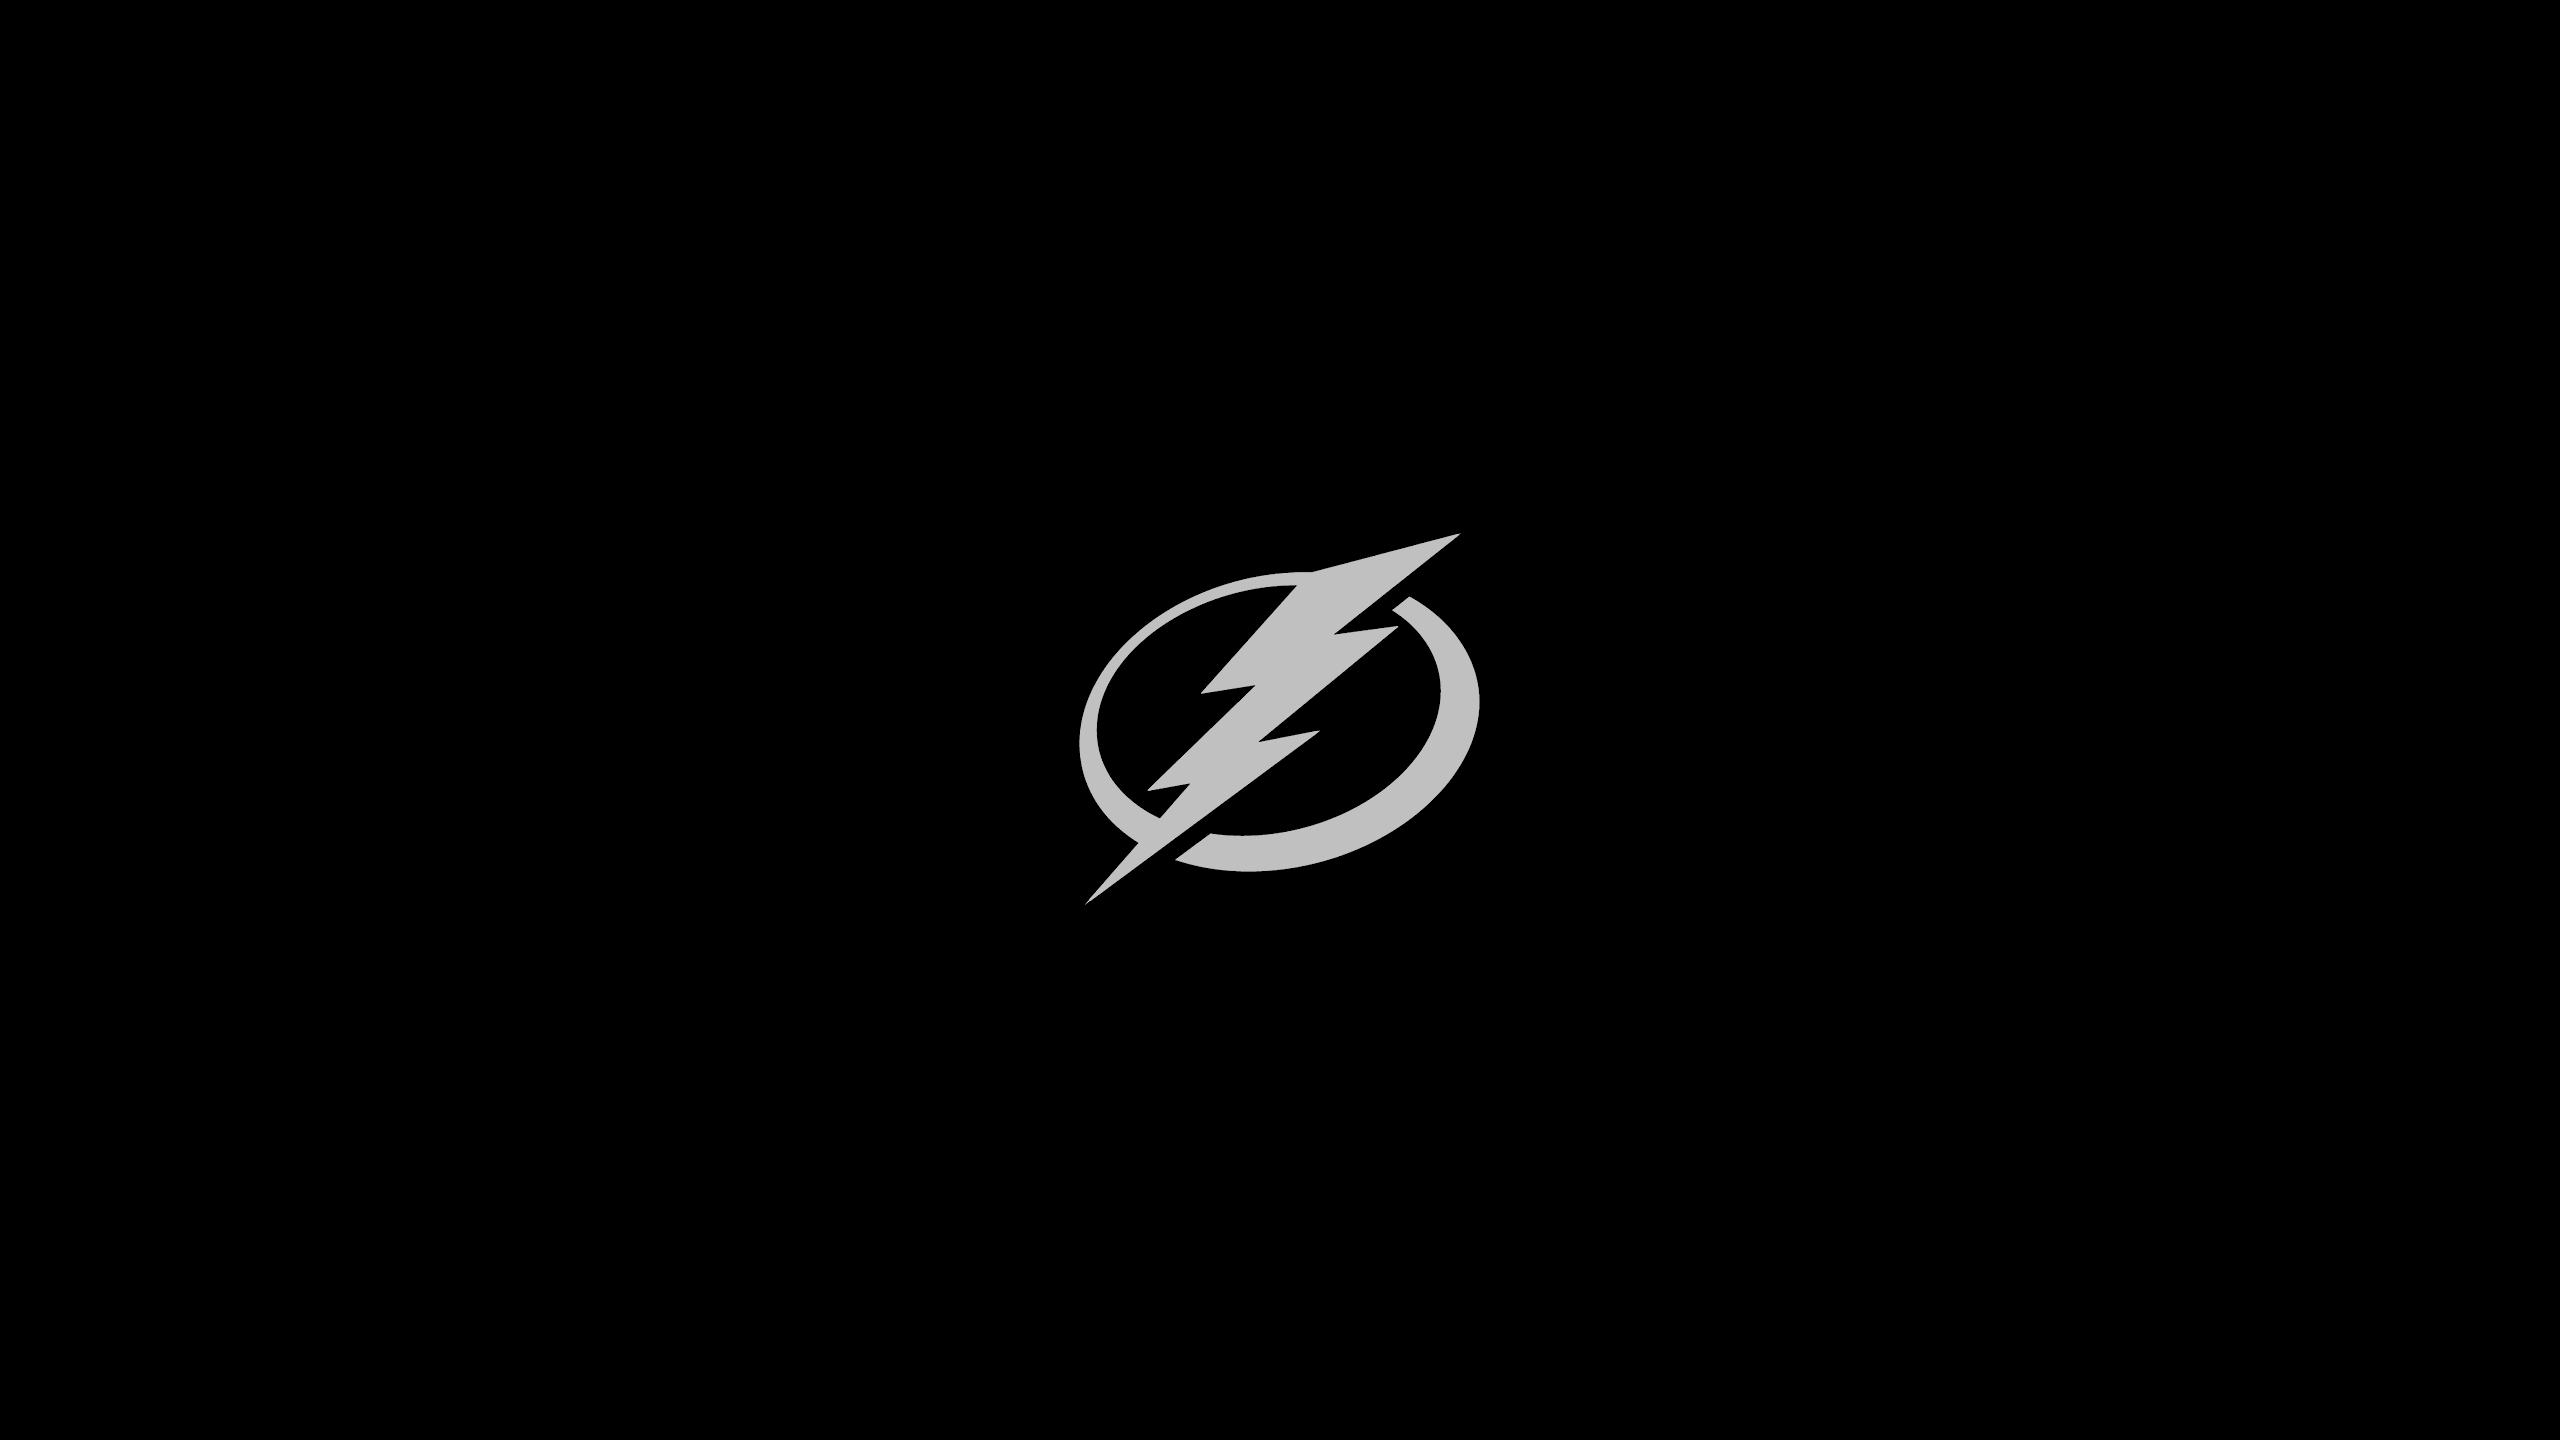 Tampa Bay Lightning (Third)